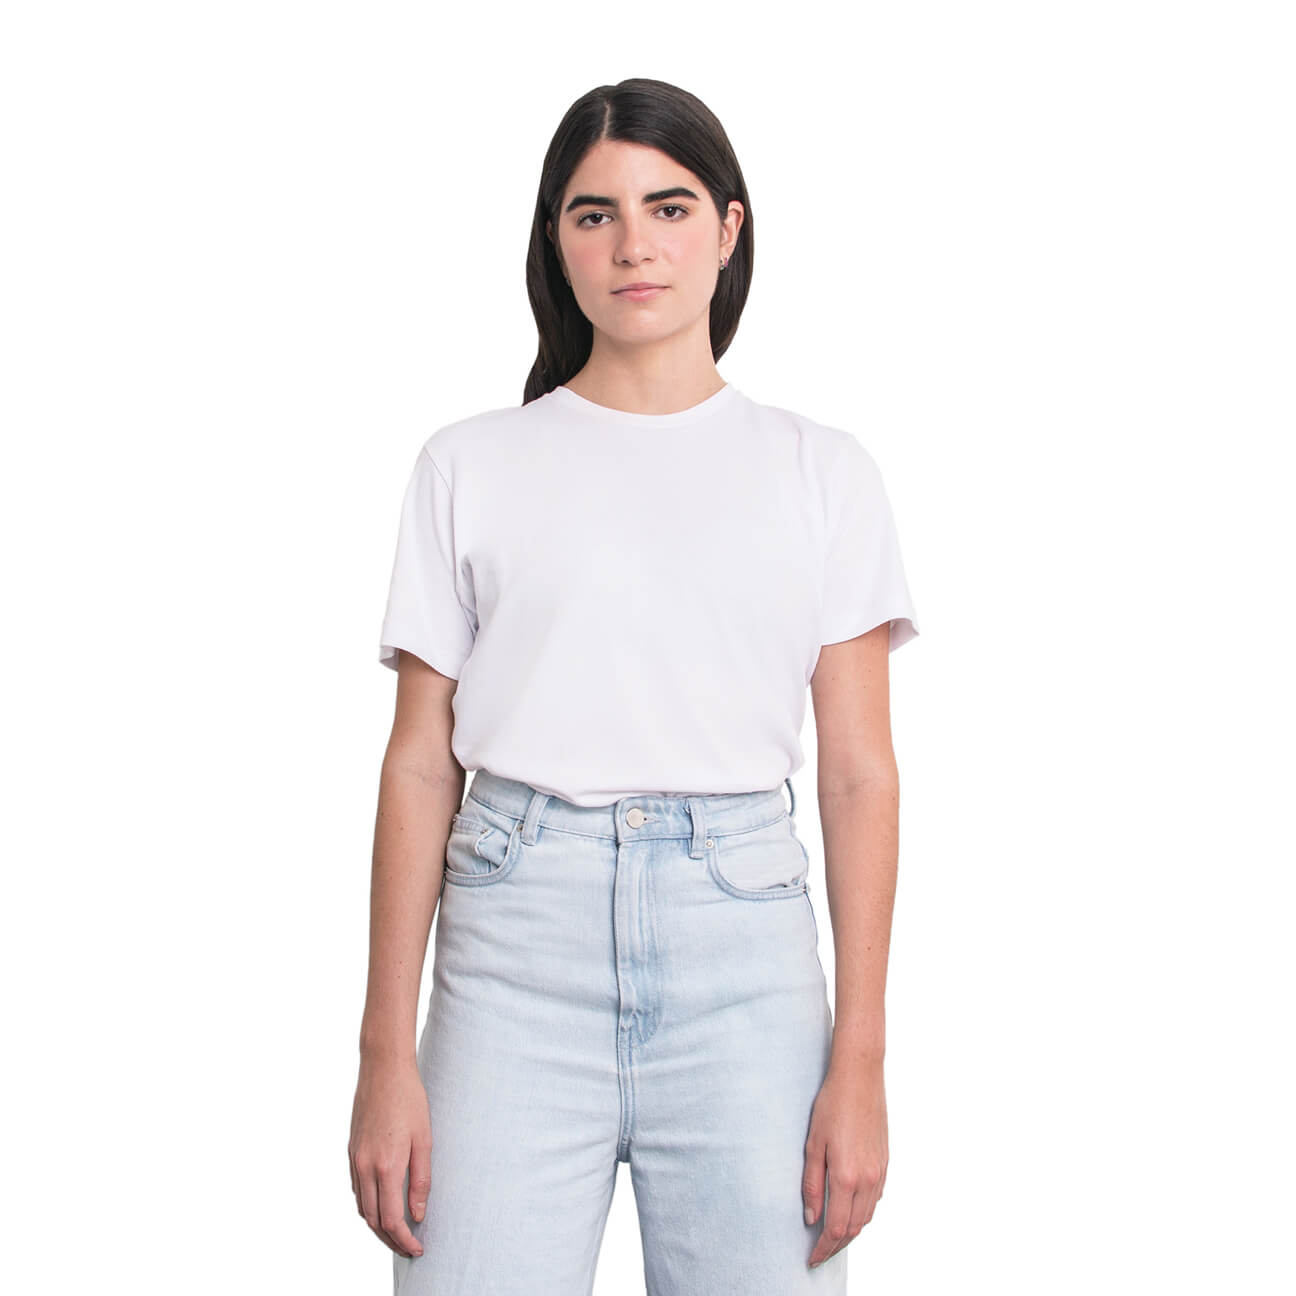 Boyfriend shirt básica blanca verticales frente